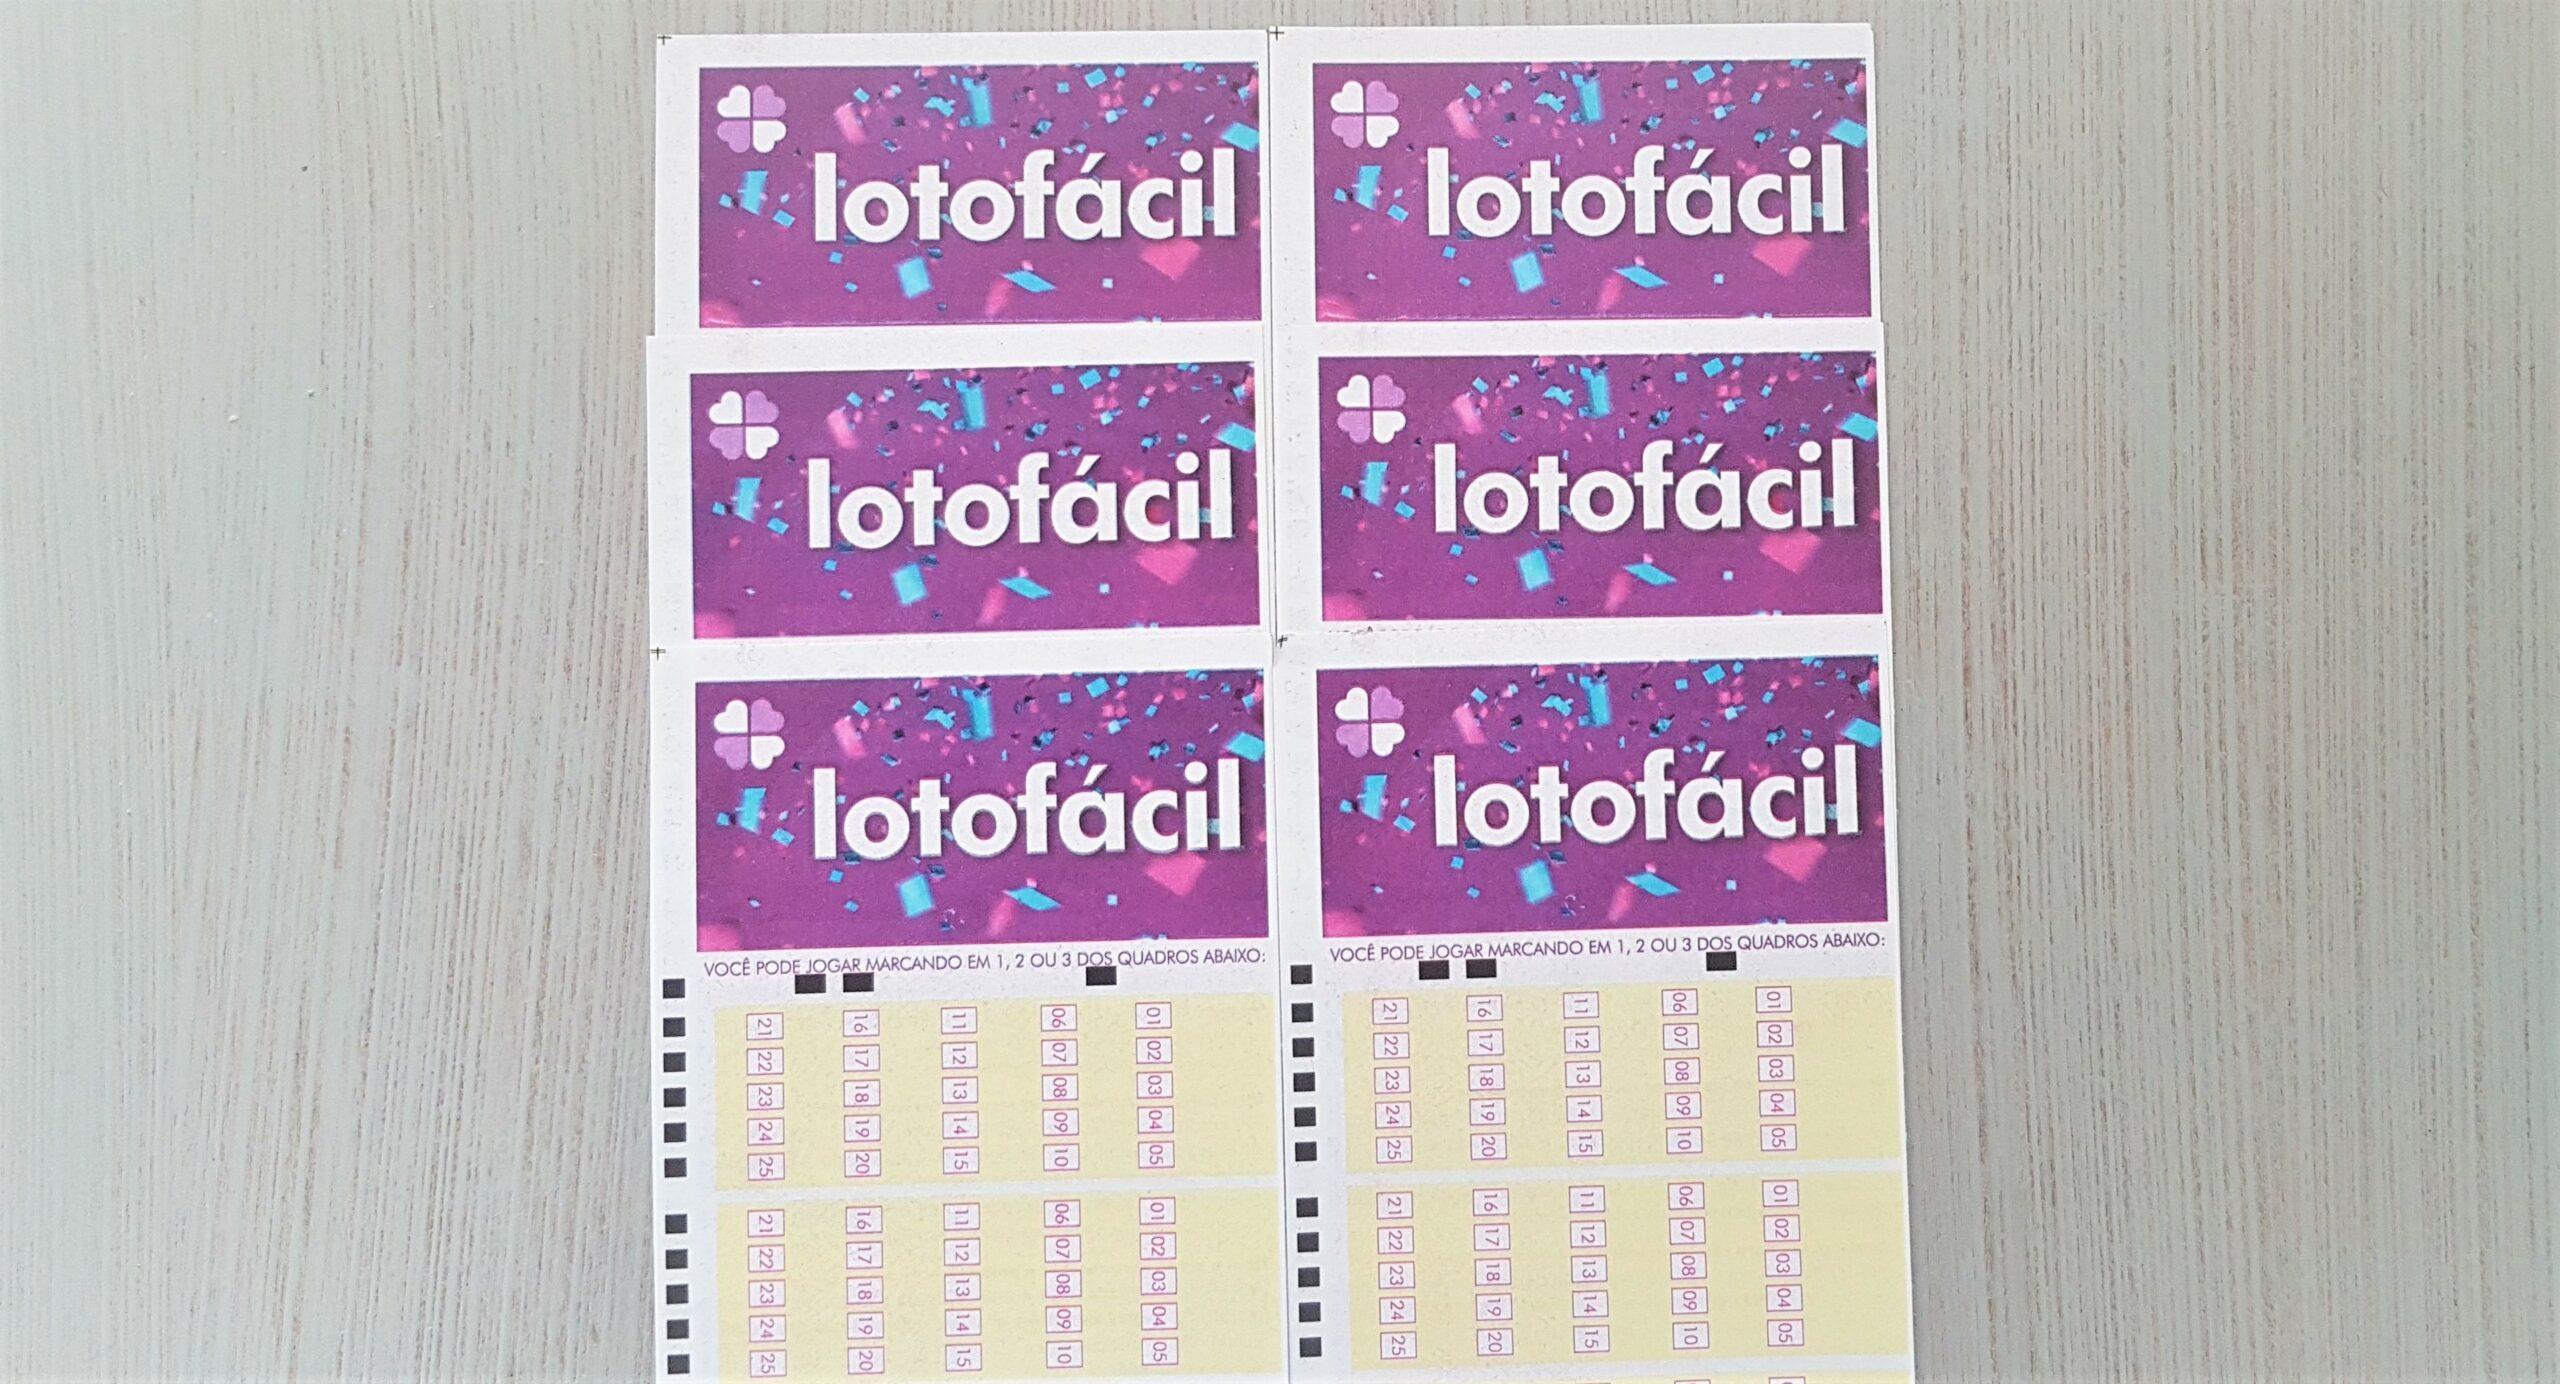 resultado da lotofácil 2140 - a imagem apresenta seis volantes de jogo da lotofácil em branco sob uma mesa